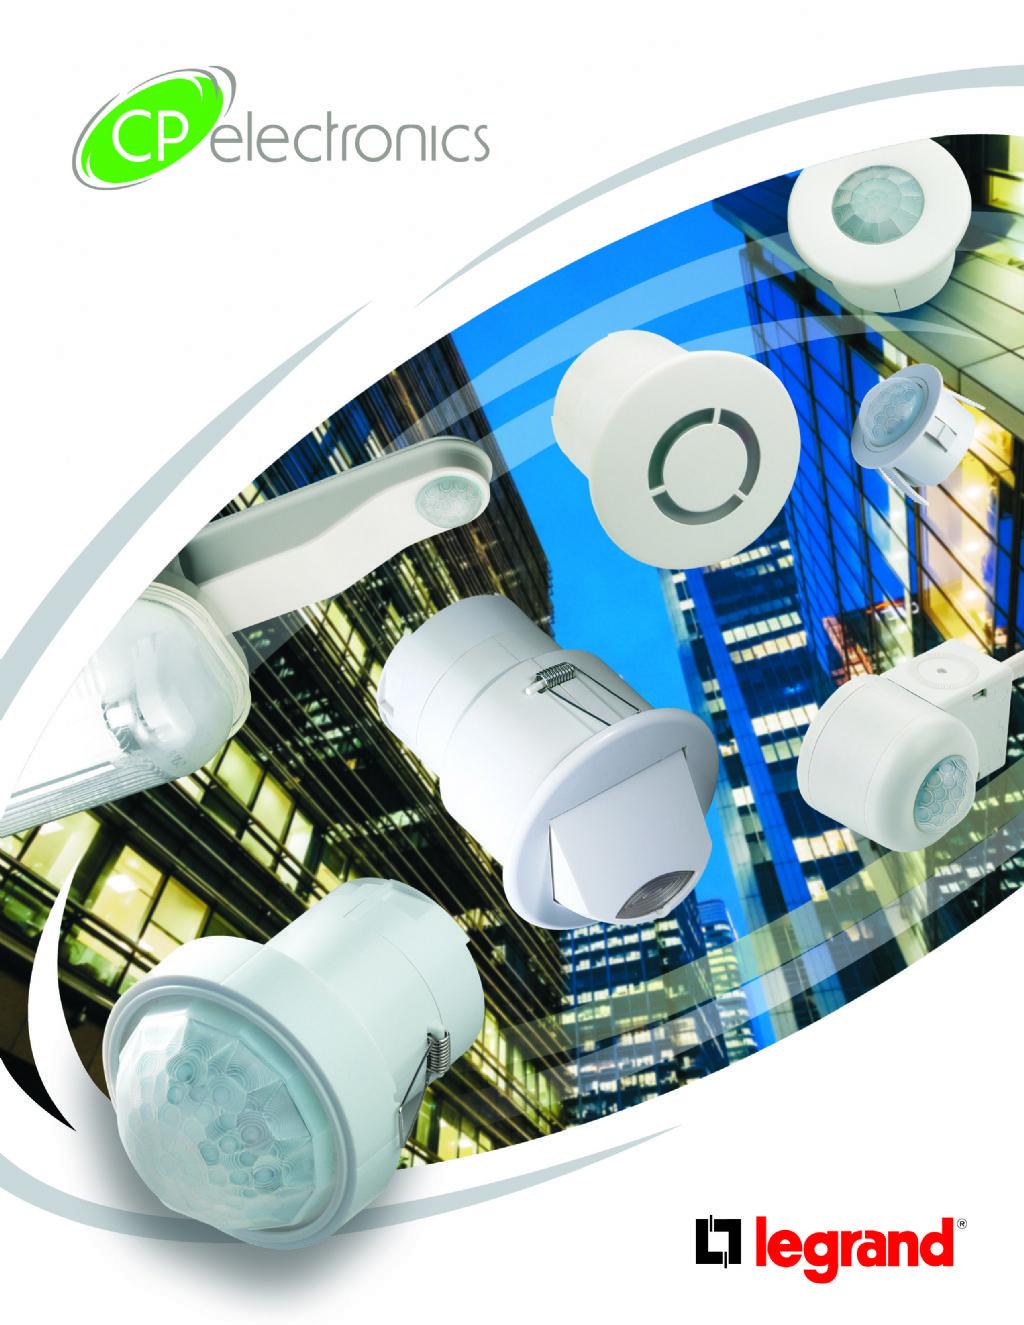 Legrand introduceert met CP Electronics een nieuw gamma verlichtingsautomatisatie